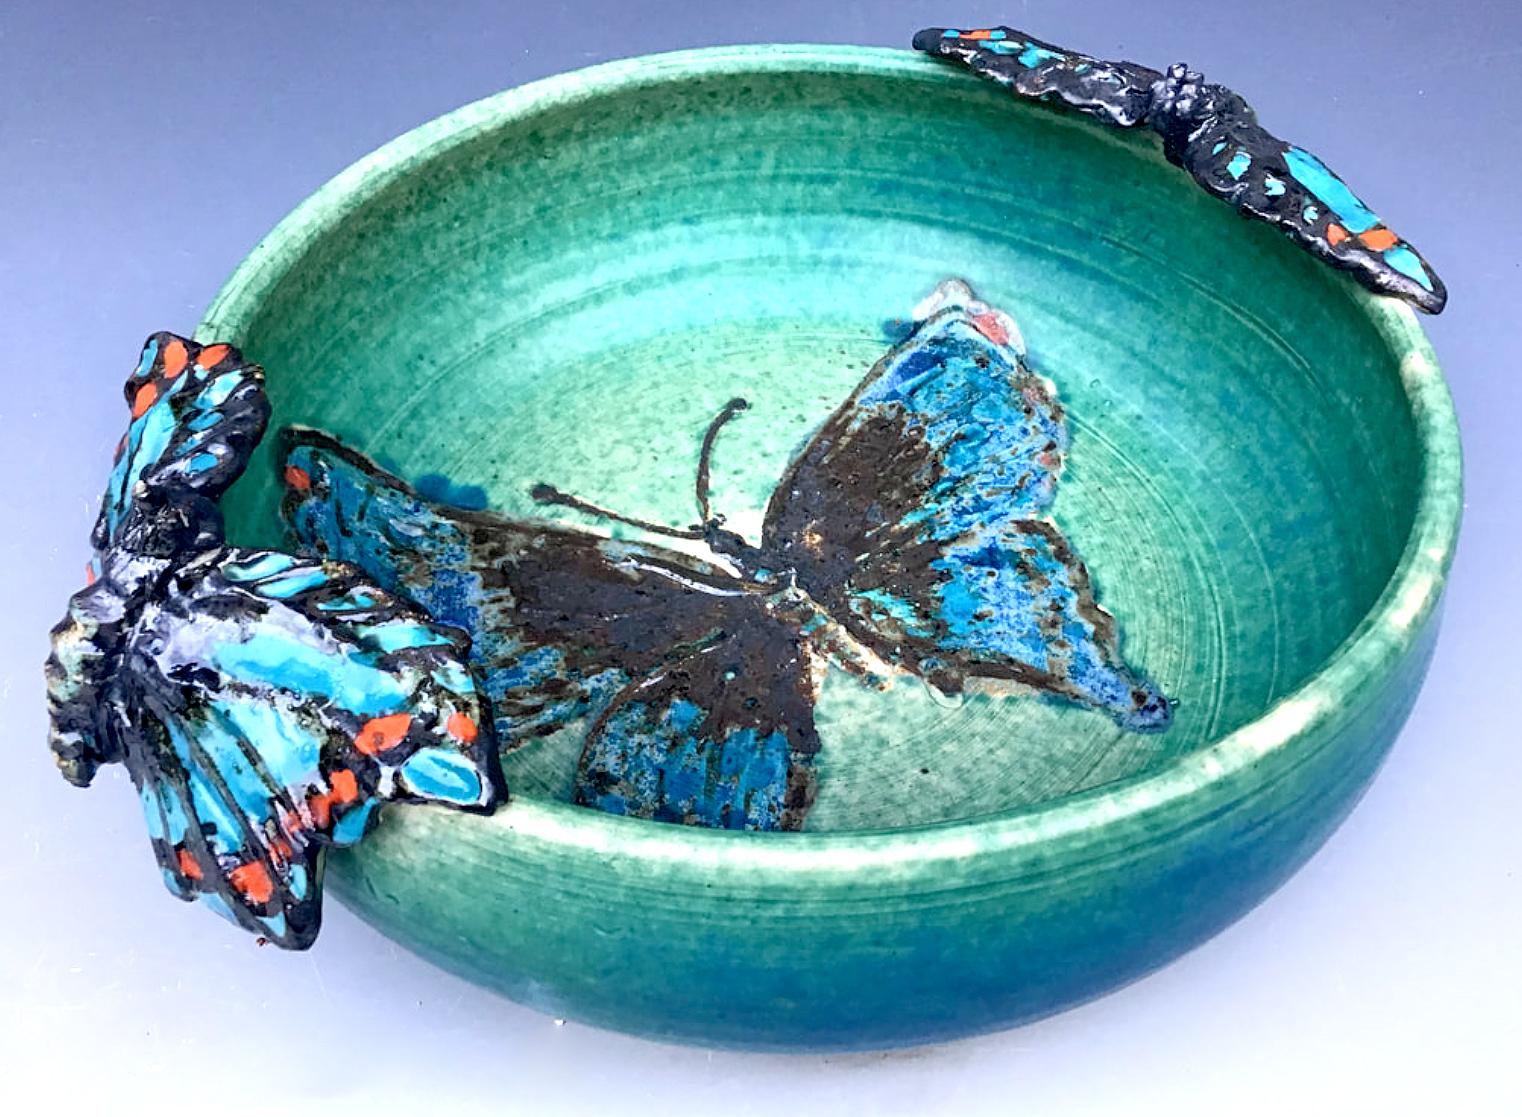 hennigs_Butterflies